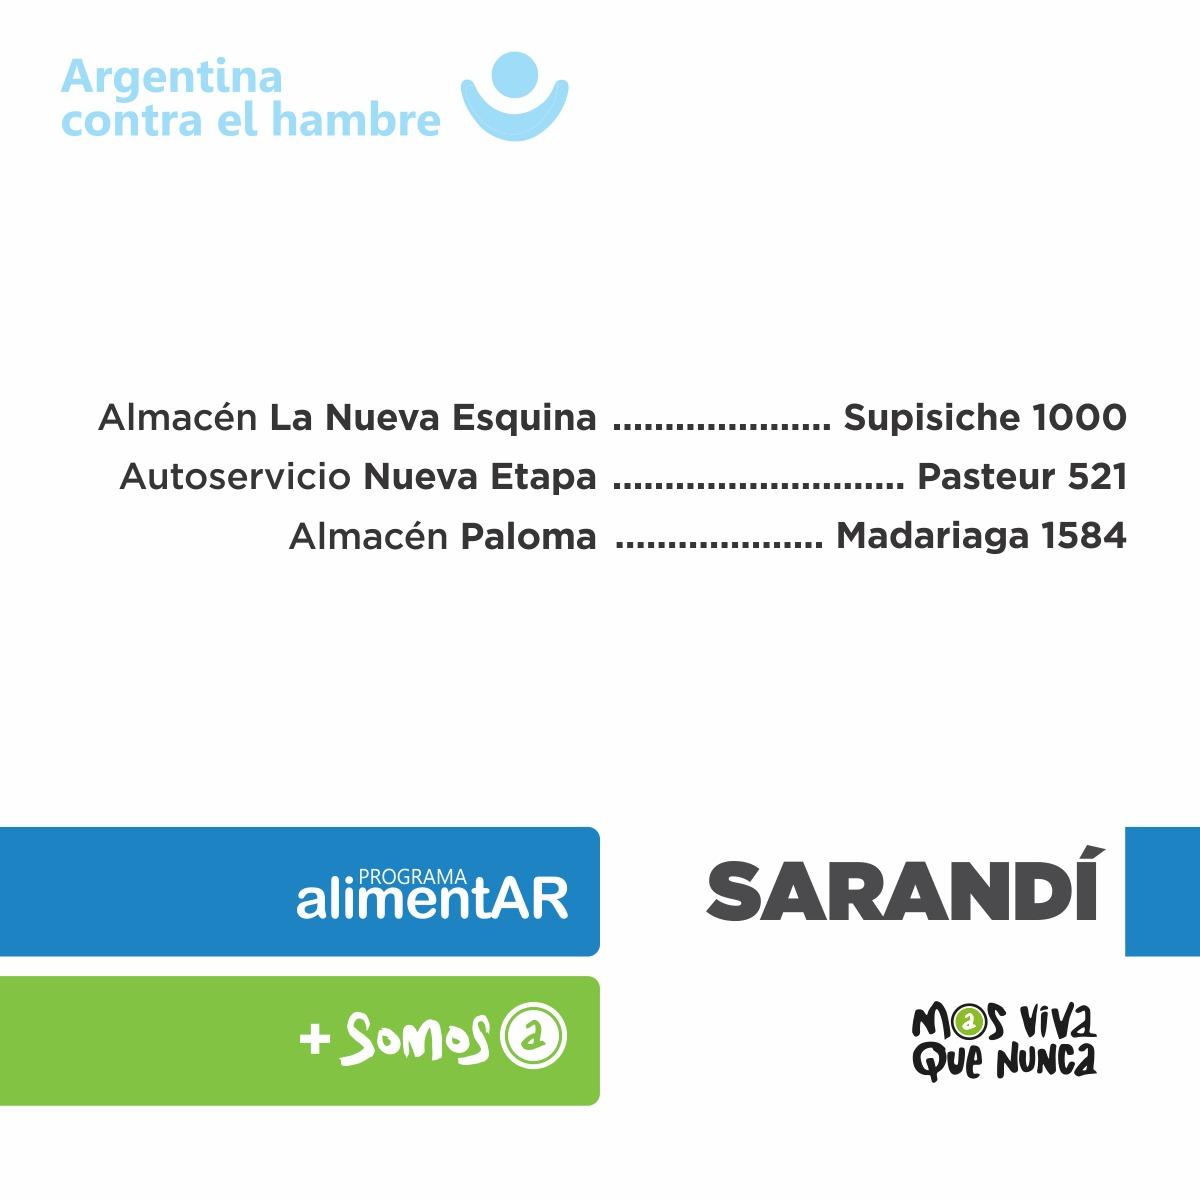 El ministro Arroyo visitó la entrega de tarjetas AlimentAR en Avellaneda